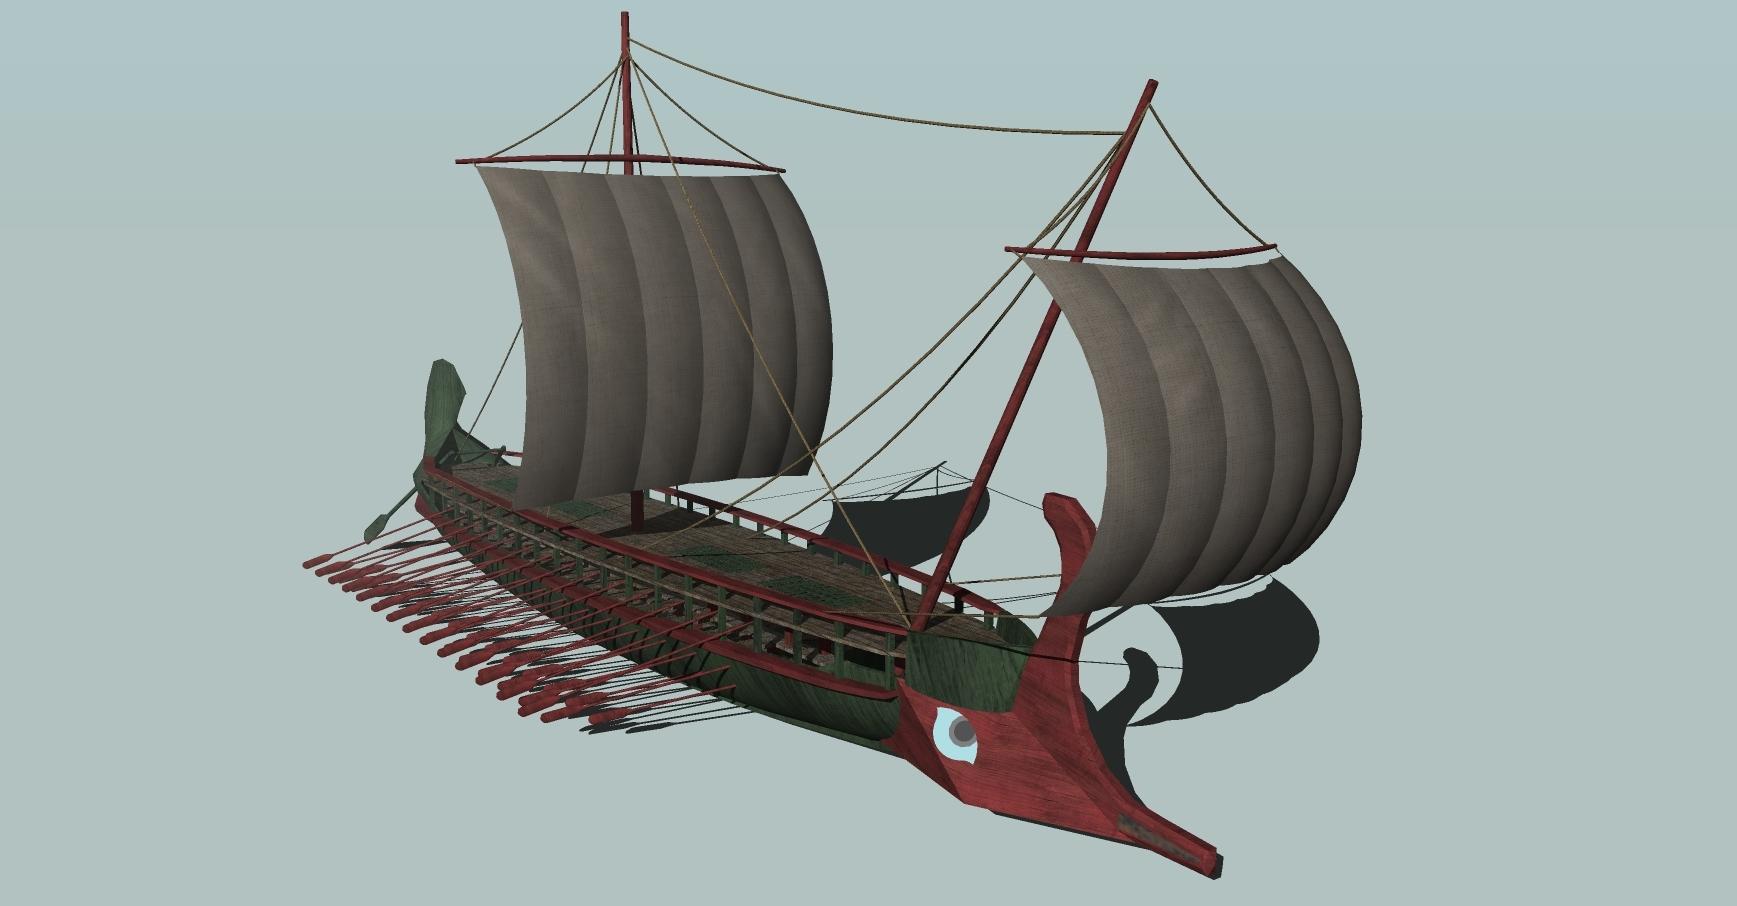 [NW] Bello Civili - The Roman Civil War Trimerelqqp7